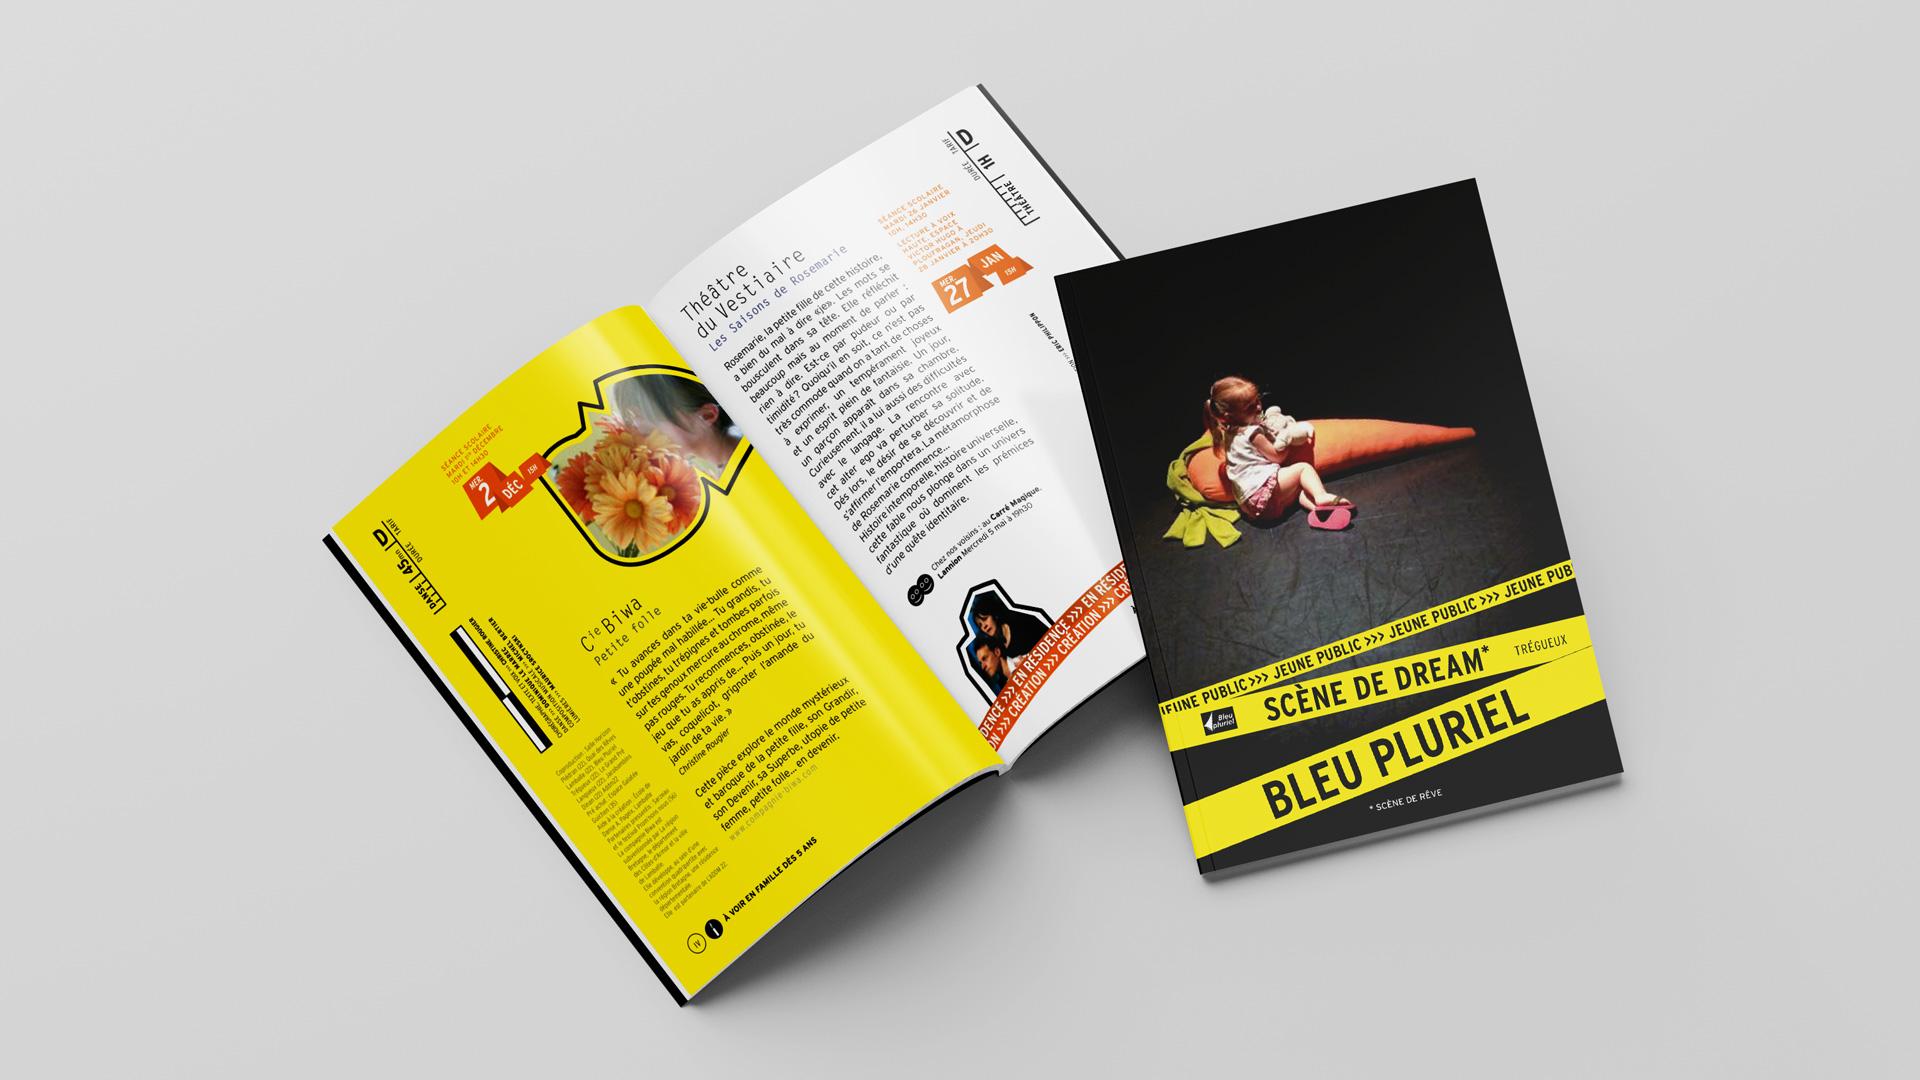 Bleu Pluriel Culturel Programme Spectacle Enfant Saison Brochure